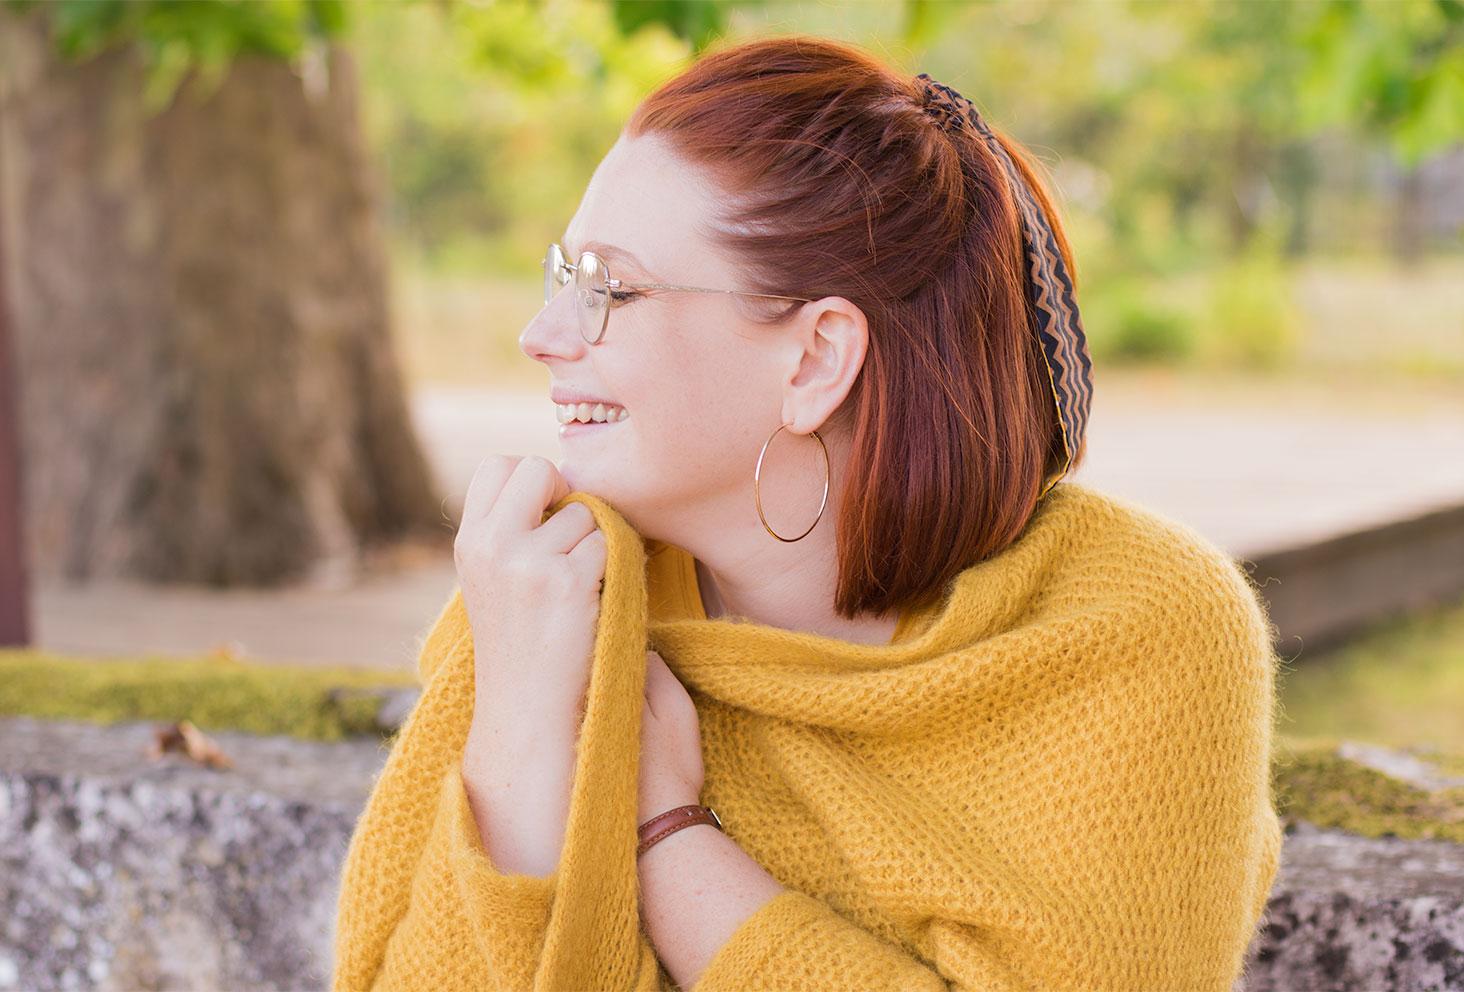 Bien au chaud dans un gros gilet jaune, assise sur une pierre, emmitouflée avec le sourire